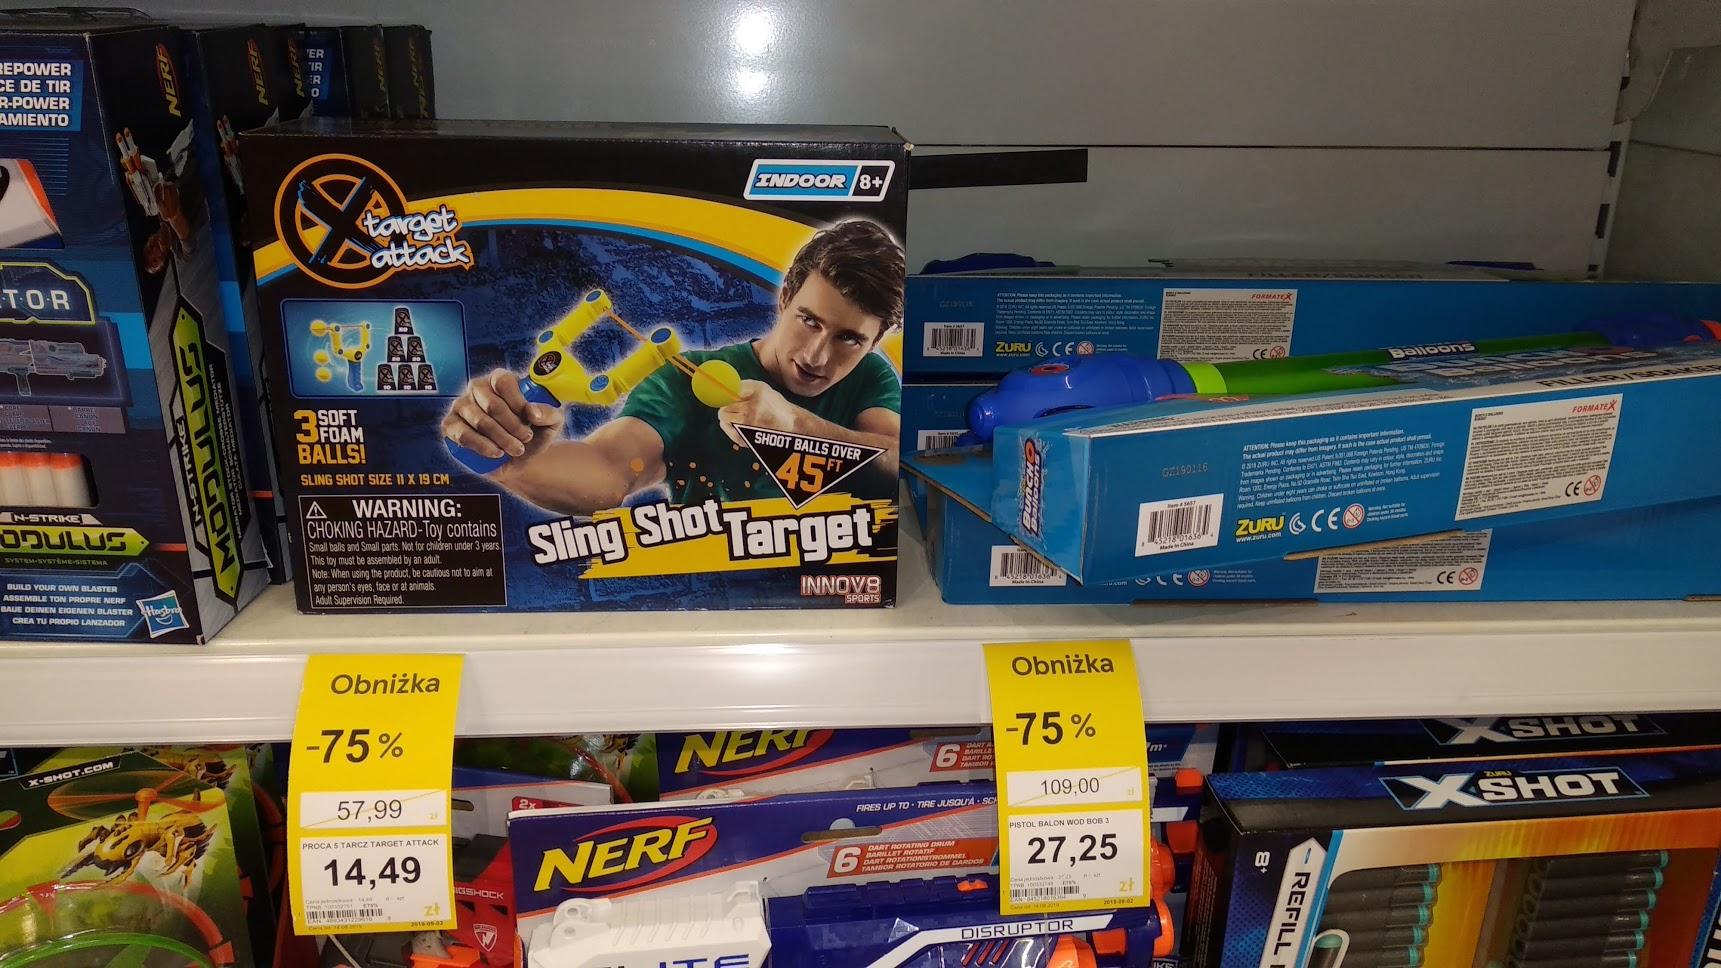 Sling Shot Target - gra zręcznościowa w Tesco